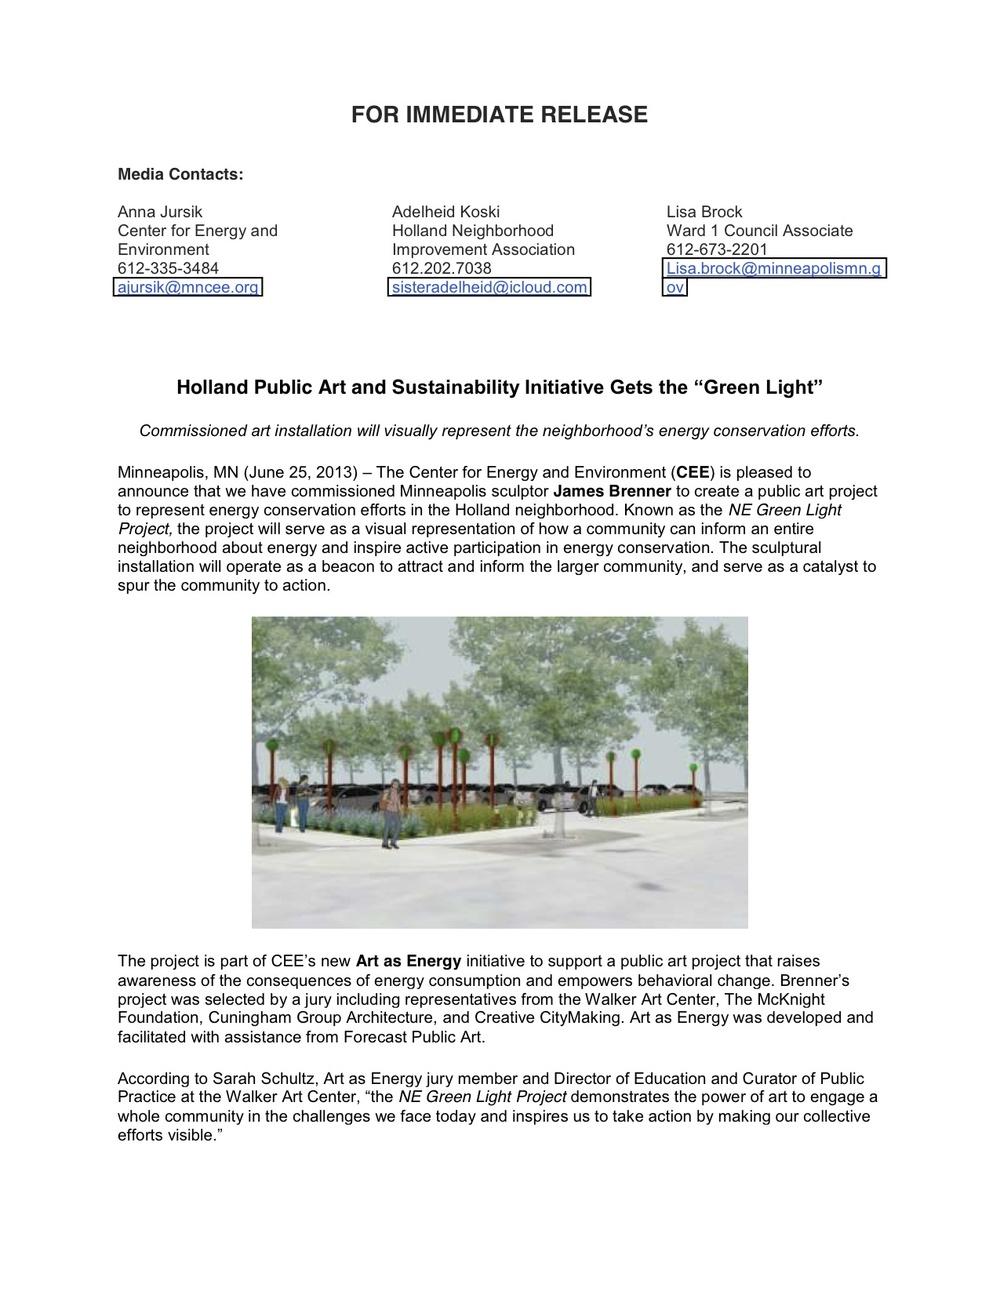 CEE Press Release.jpg